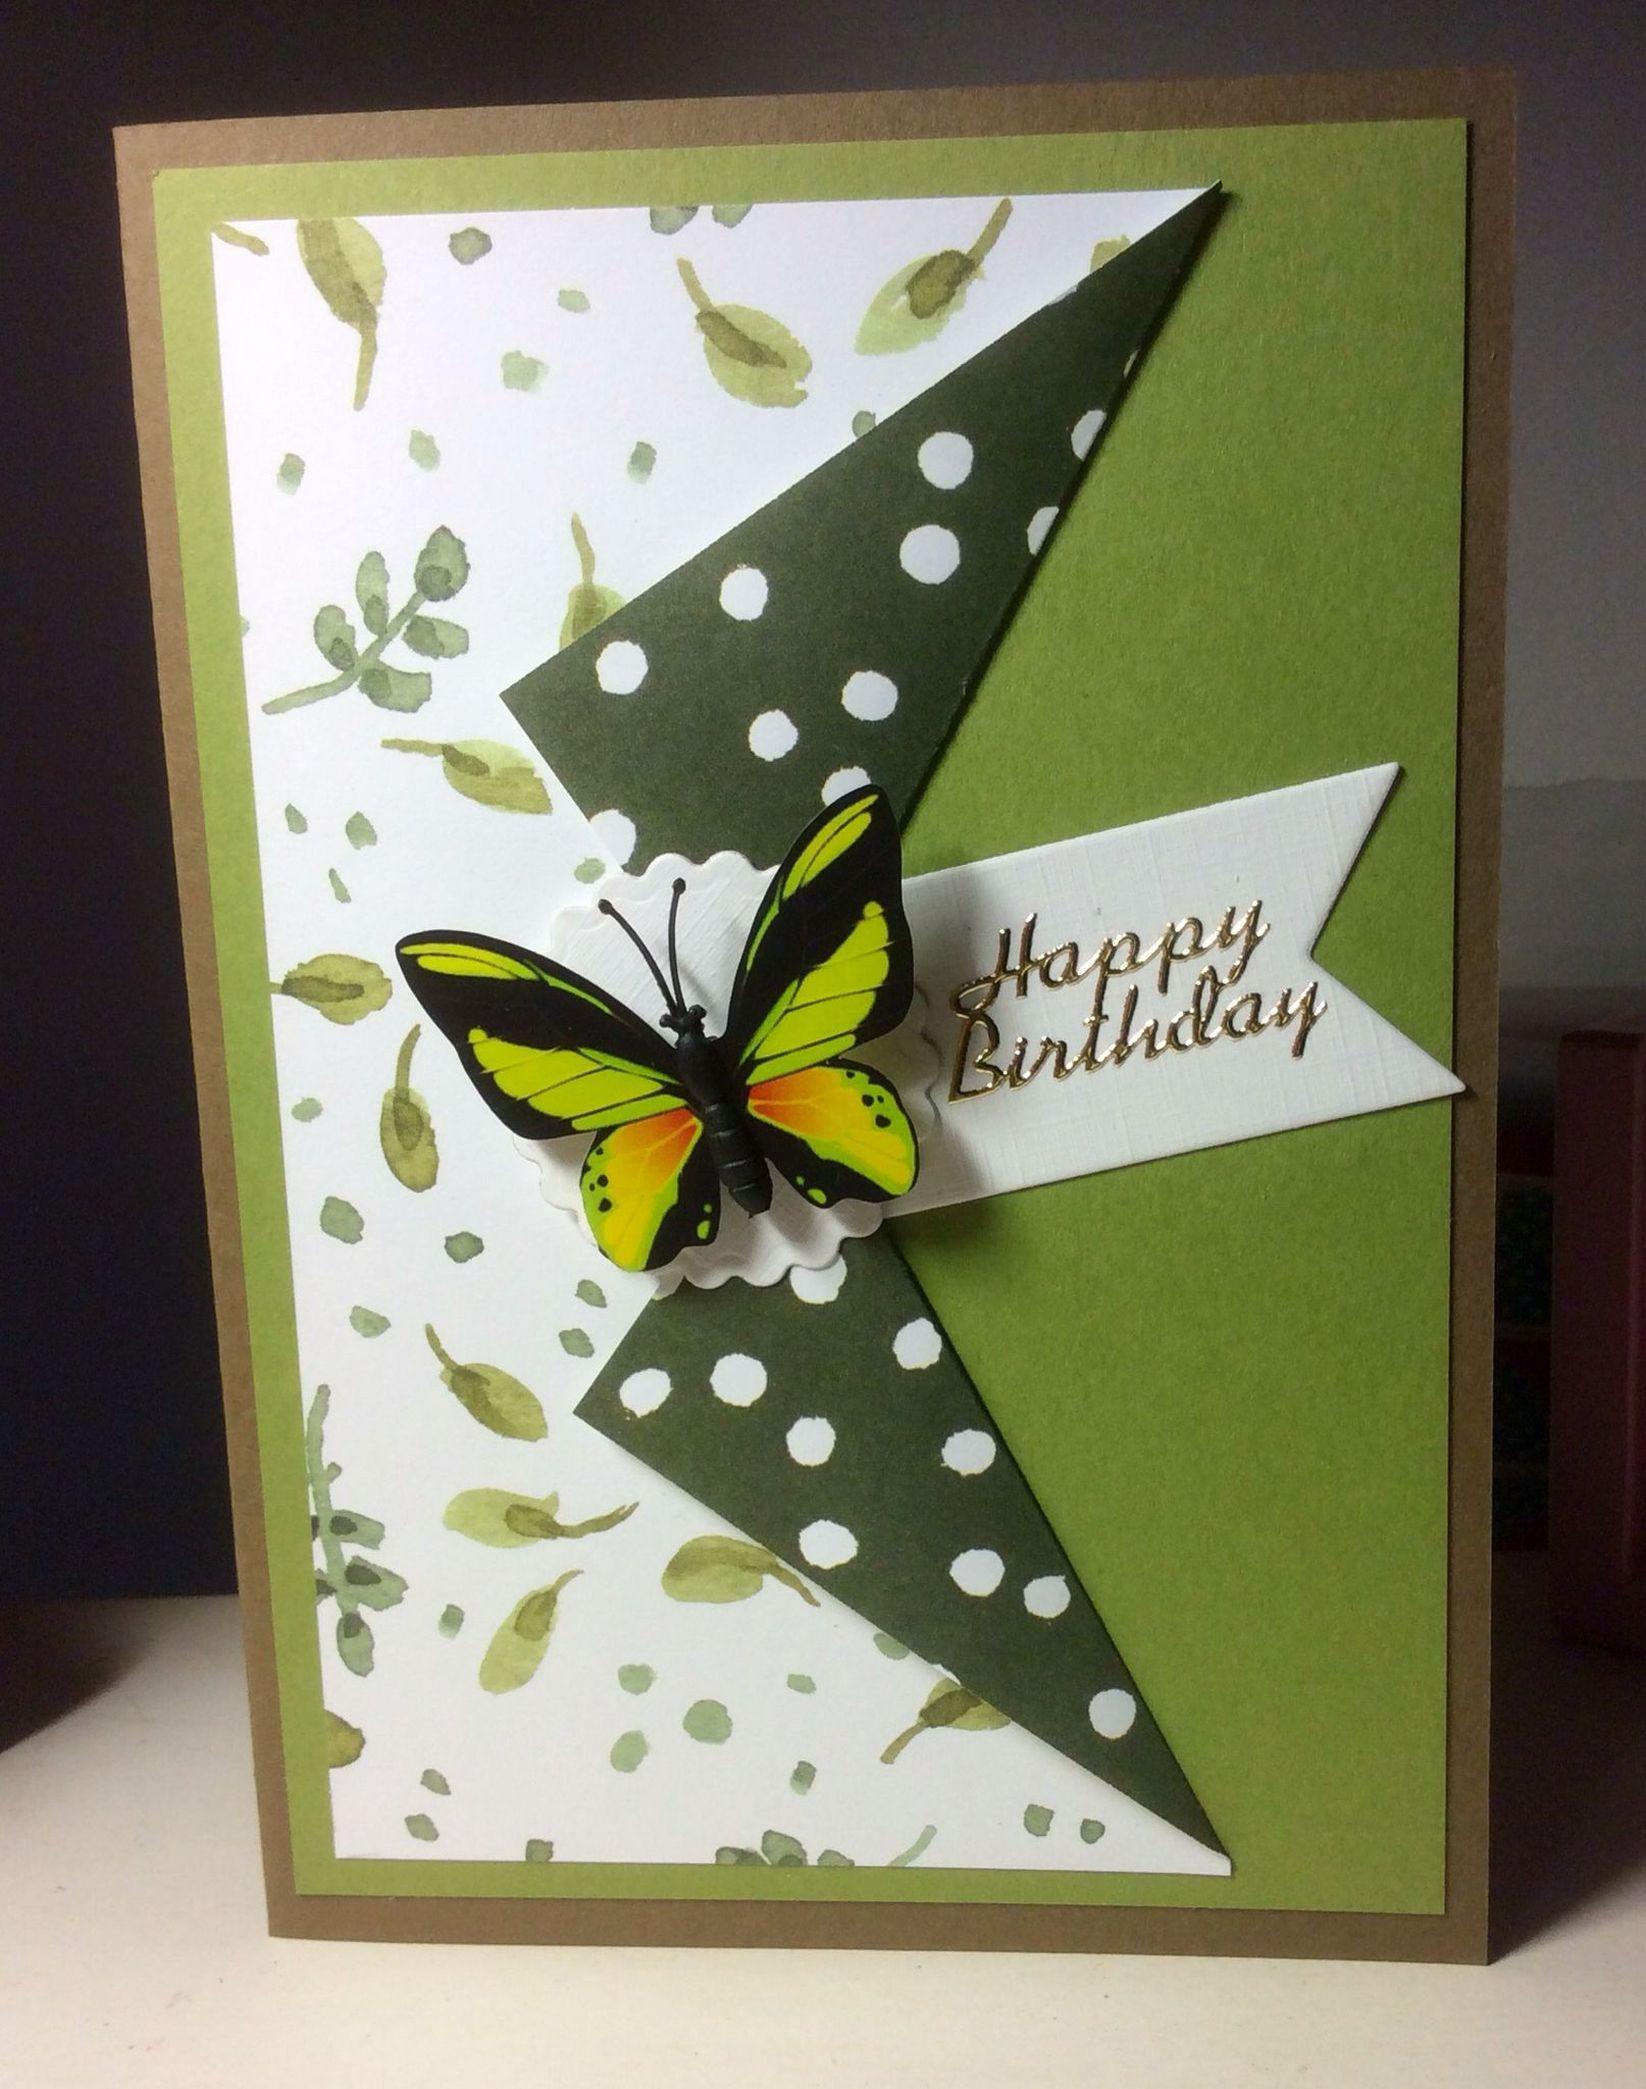 как сделать праздничную открытку своими руками на день рождения собственных звезд